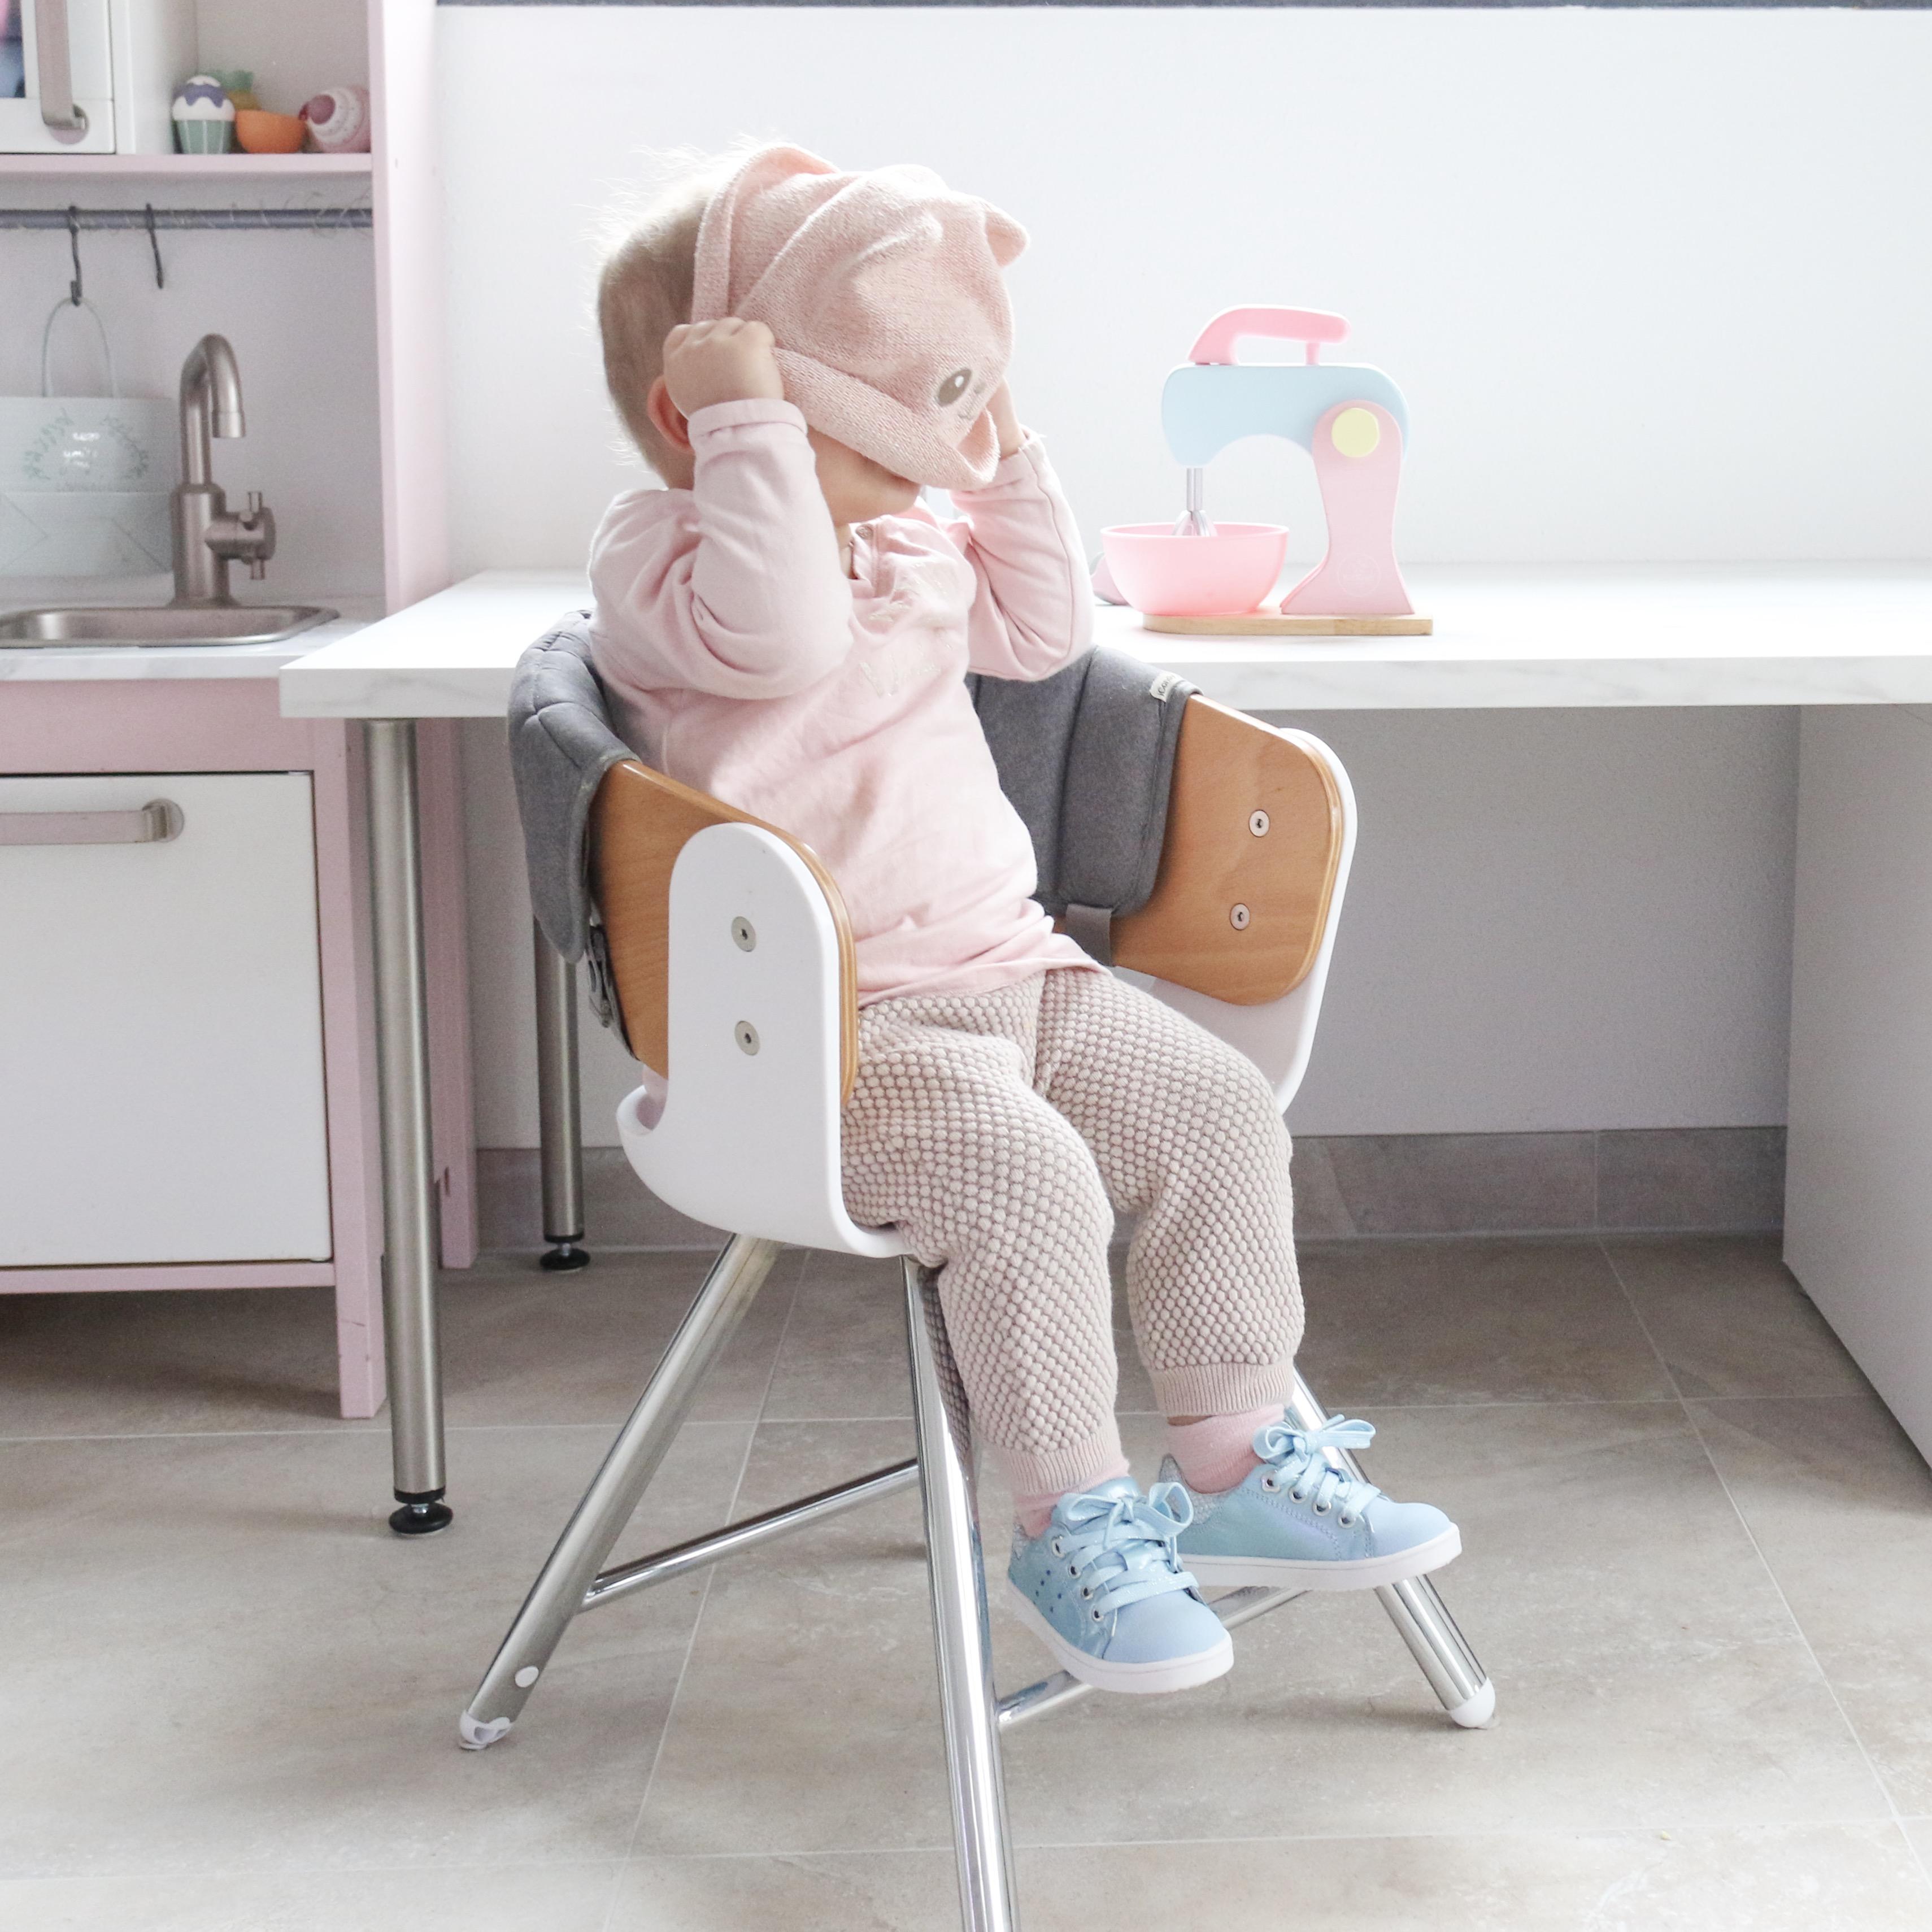 De juiste maat voor kinderschoenen, heel belangrijk!